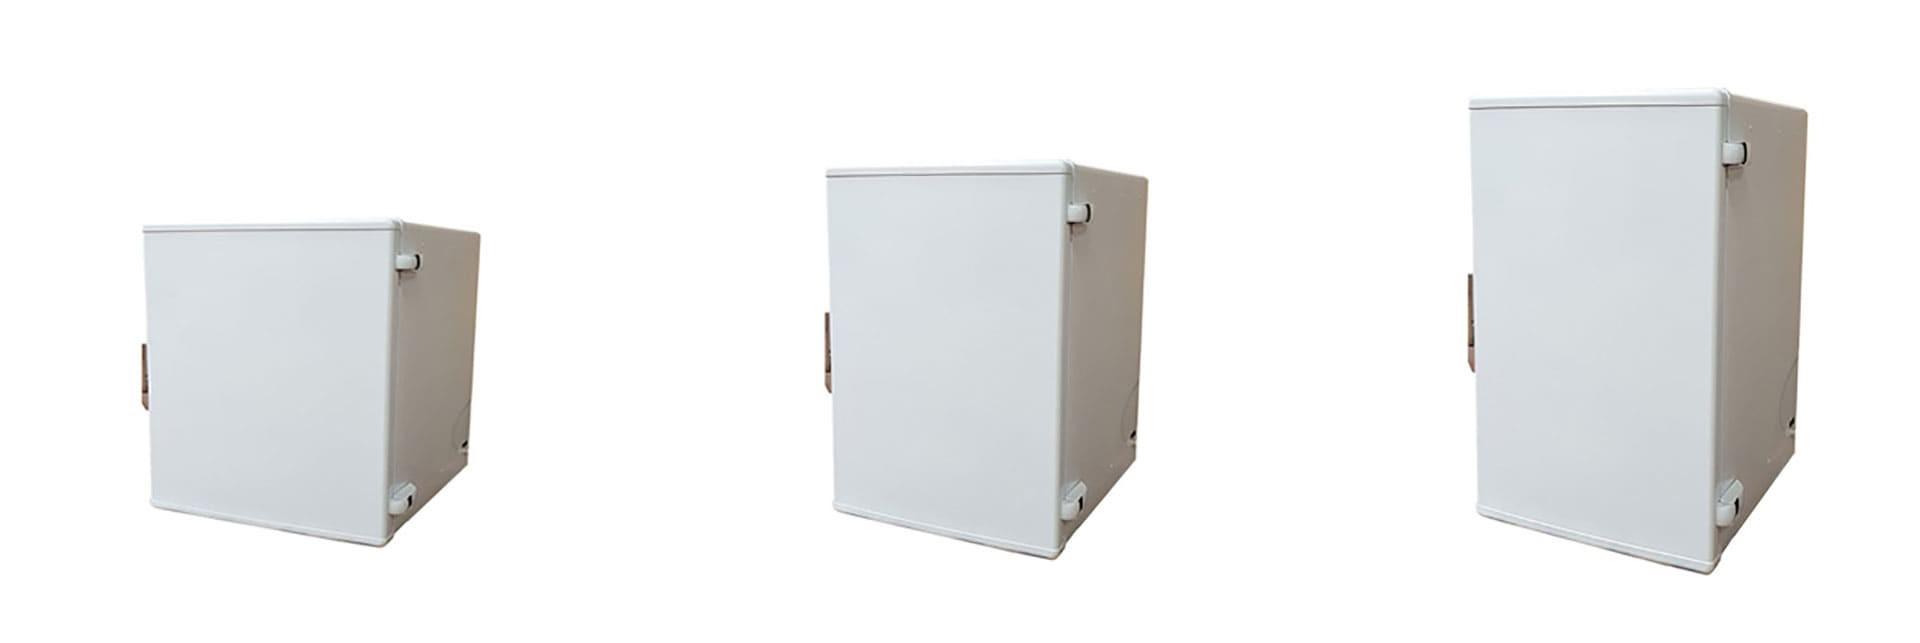 Coffres frigorifiques (petits volumes)